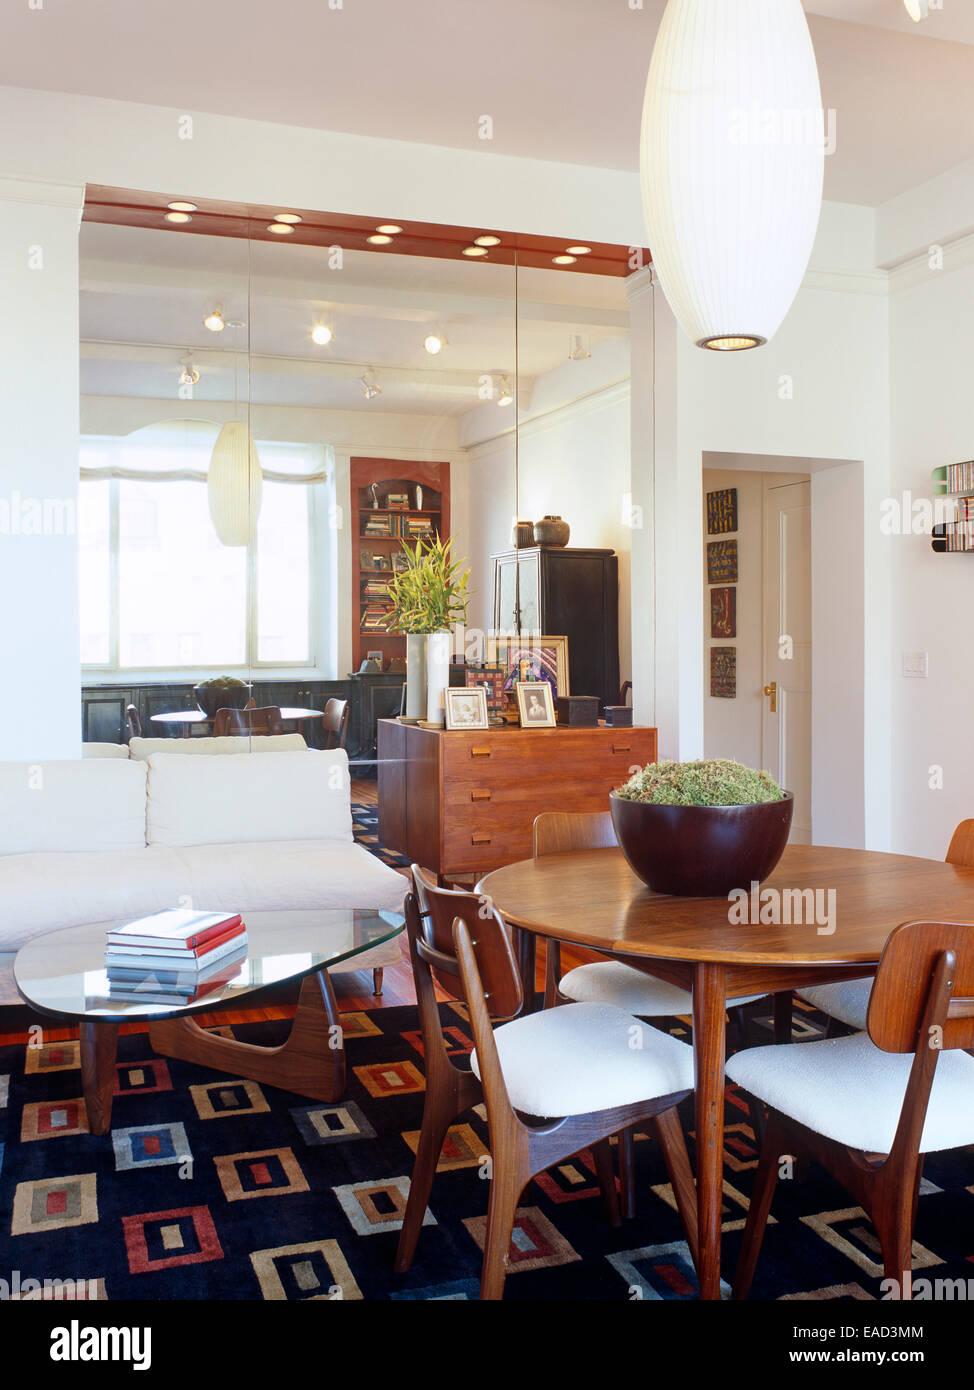 Charmant Home Dekor Einrichtungsstil Mitte Jahrhundert Spiegel Tisch Esszimmer  Wohnzimmer Teppich Moderne Leuchte Stuhl